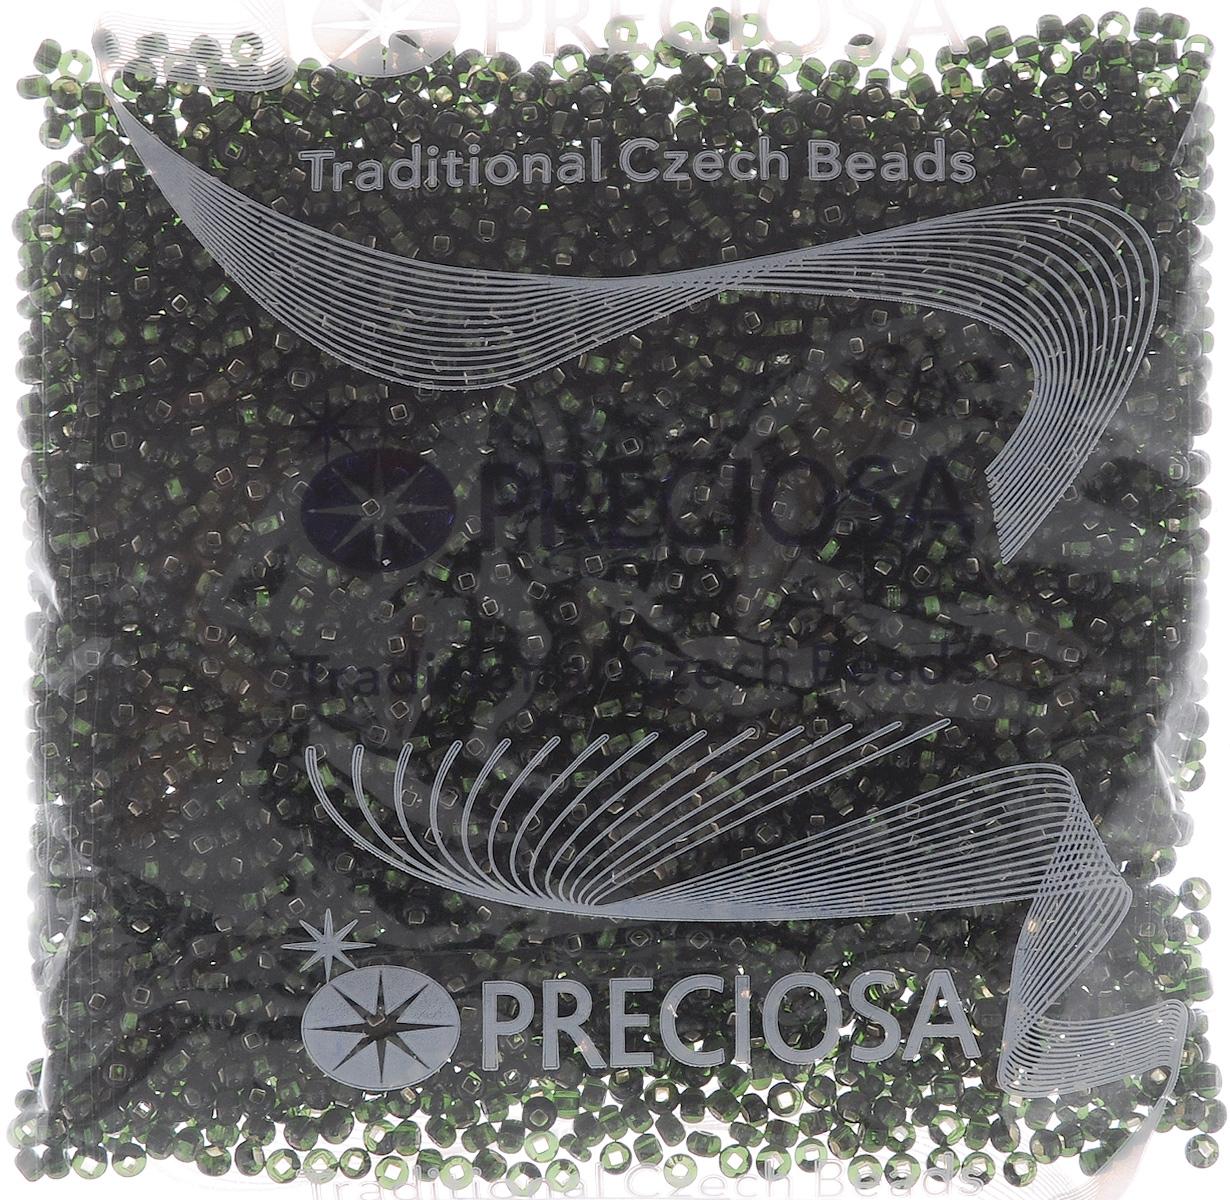 Бисер Preciosa Ассорти, непрозрачный, цвет: темно-зеленый (06), 50 г. 163142163142_06_зеленыйБисер Preciosa Ассорти, изготовленный из пластика круглой формы, позволит вам своими руками создать оригинальные ожерелья, бусы или браслеты, а также заняться вышиванием. В бисероплетении часто используют бисер разных размеров и цветов. Он идеально подойдет для вышивания на предметах быта и женской одежде. Изготовление украшений - занимательное хобби и реализация творческих способностей рукодельницы, это возможность создания неповторимого индивидуального подарка.